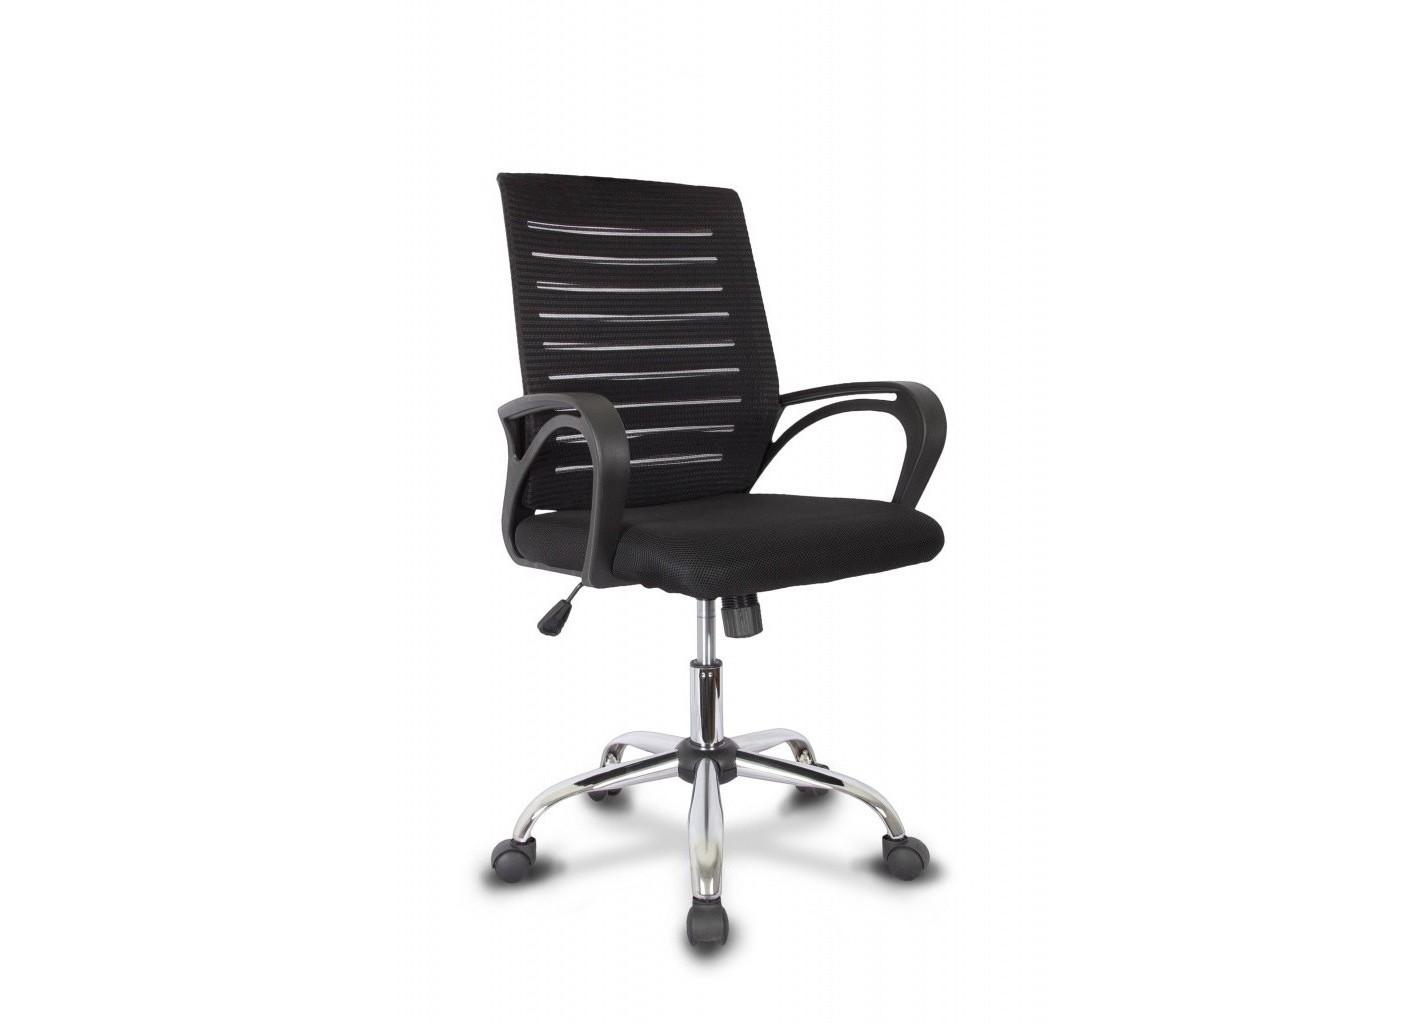 Кресло CollegeРабочие кресла<br>&amp;lt;div&amp;gt;Кресло оператора современного дизайна.&amp;lt;/div&amp;gt;&amp;lt;div&amp;gt;&amp;lt;br&amp;gt;&amp;lt;/div&amp;gt;&amp;lt;div&amp;gt;Конструкция:&amp;lt;/div&amp;gt;&amp;lt;div&amp;gt;Механизм качания с регулировкой под вес и фиксацией в вертикальном положении&amp;amp;nbsp;&amp;lt;/div&amp;gt;&amp;lt;div&amp;gt;Регулировка высоты (газлифт)&amp;amp;nbsp;&amp;lt;/div&amp;gt;&amp;lt;div&amp;gt;Крестовина &amp;amp;nbsp;металлическая &amp;amp;nbsp;хромированная&amp;lt;/div&amp;gt;&amp;lt;div&amp;gt;Подлокотники &amp;amp;nbsp;выполнены из ударопрочного экологически чистого пластика&amp;lt;/div&amp;gt;&amp;lt;div&amp;gt;Материал обивки: износоустойчивый акрил и полиэстер&amp;lt;/div&amp;gt;&amp;lt;div&amp;gt;Ограничение по весу: 120 кг&amp;lt;/div&amp;gt;<br><br>Material: Текстиль<br>Width см: 49<br>Depth см: 46<br>Height см: 10.4